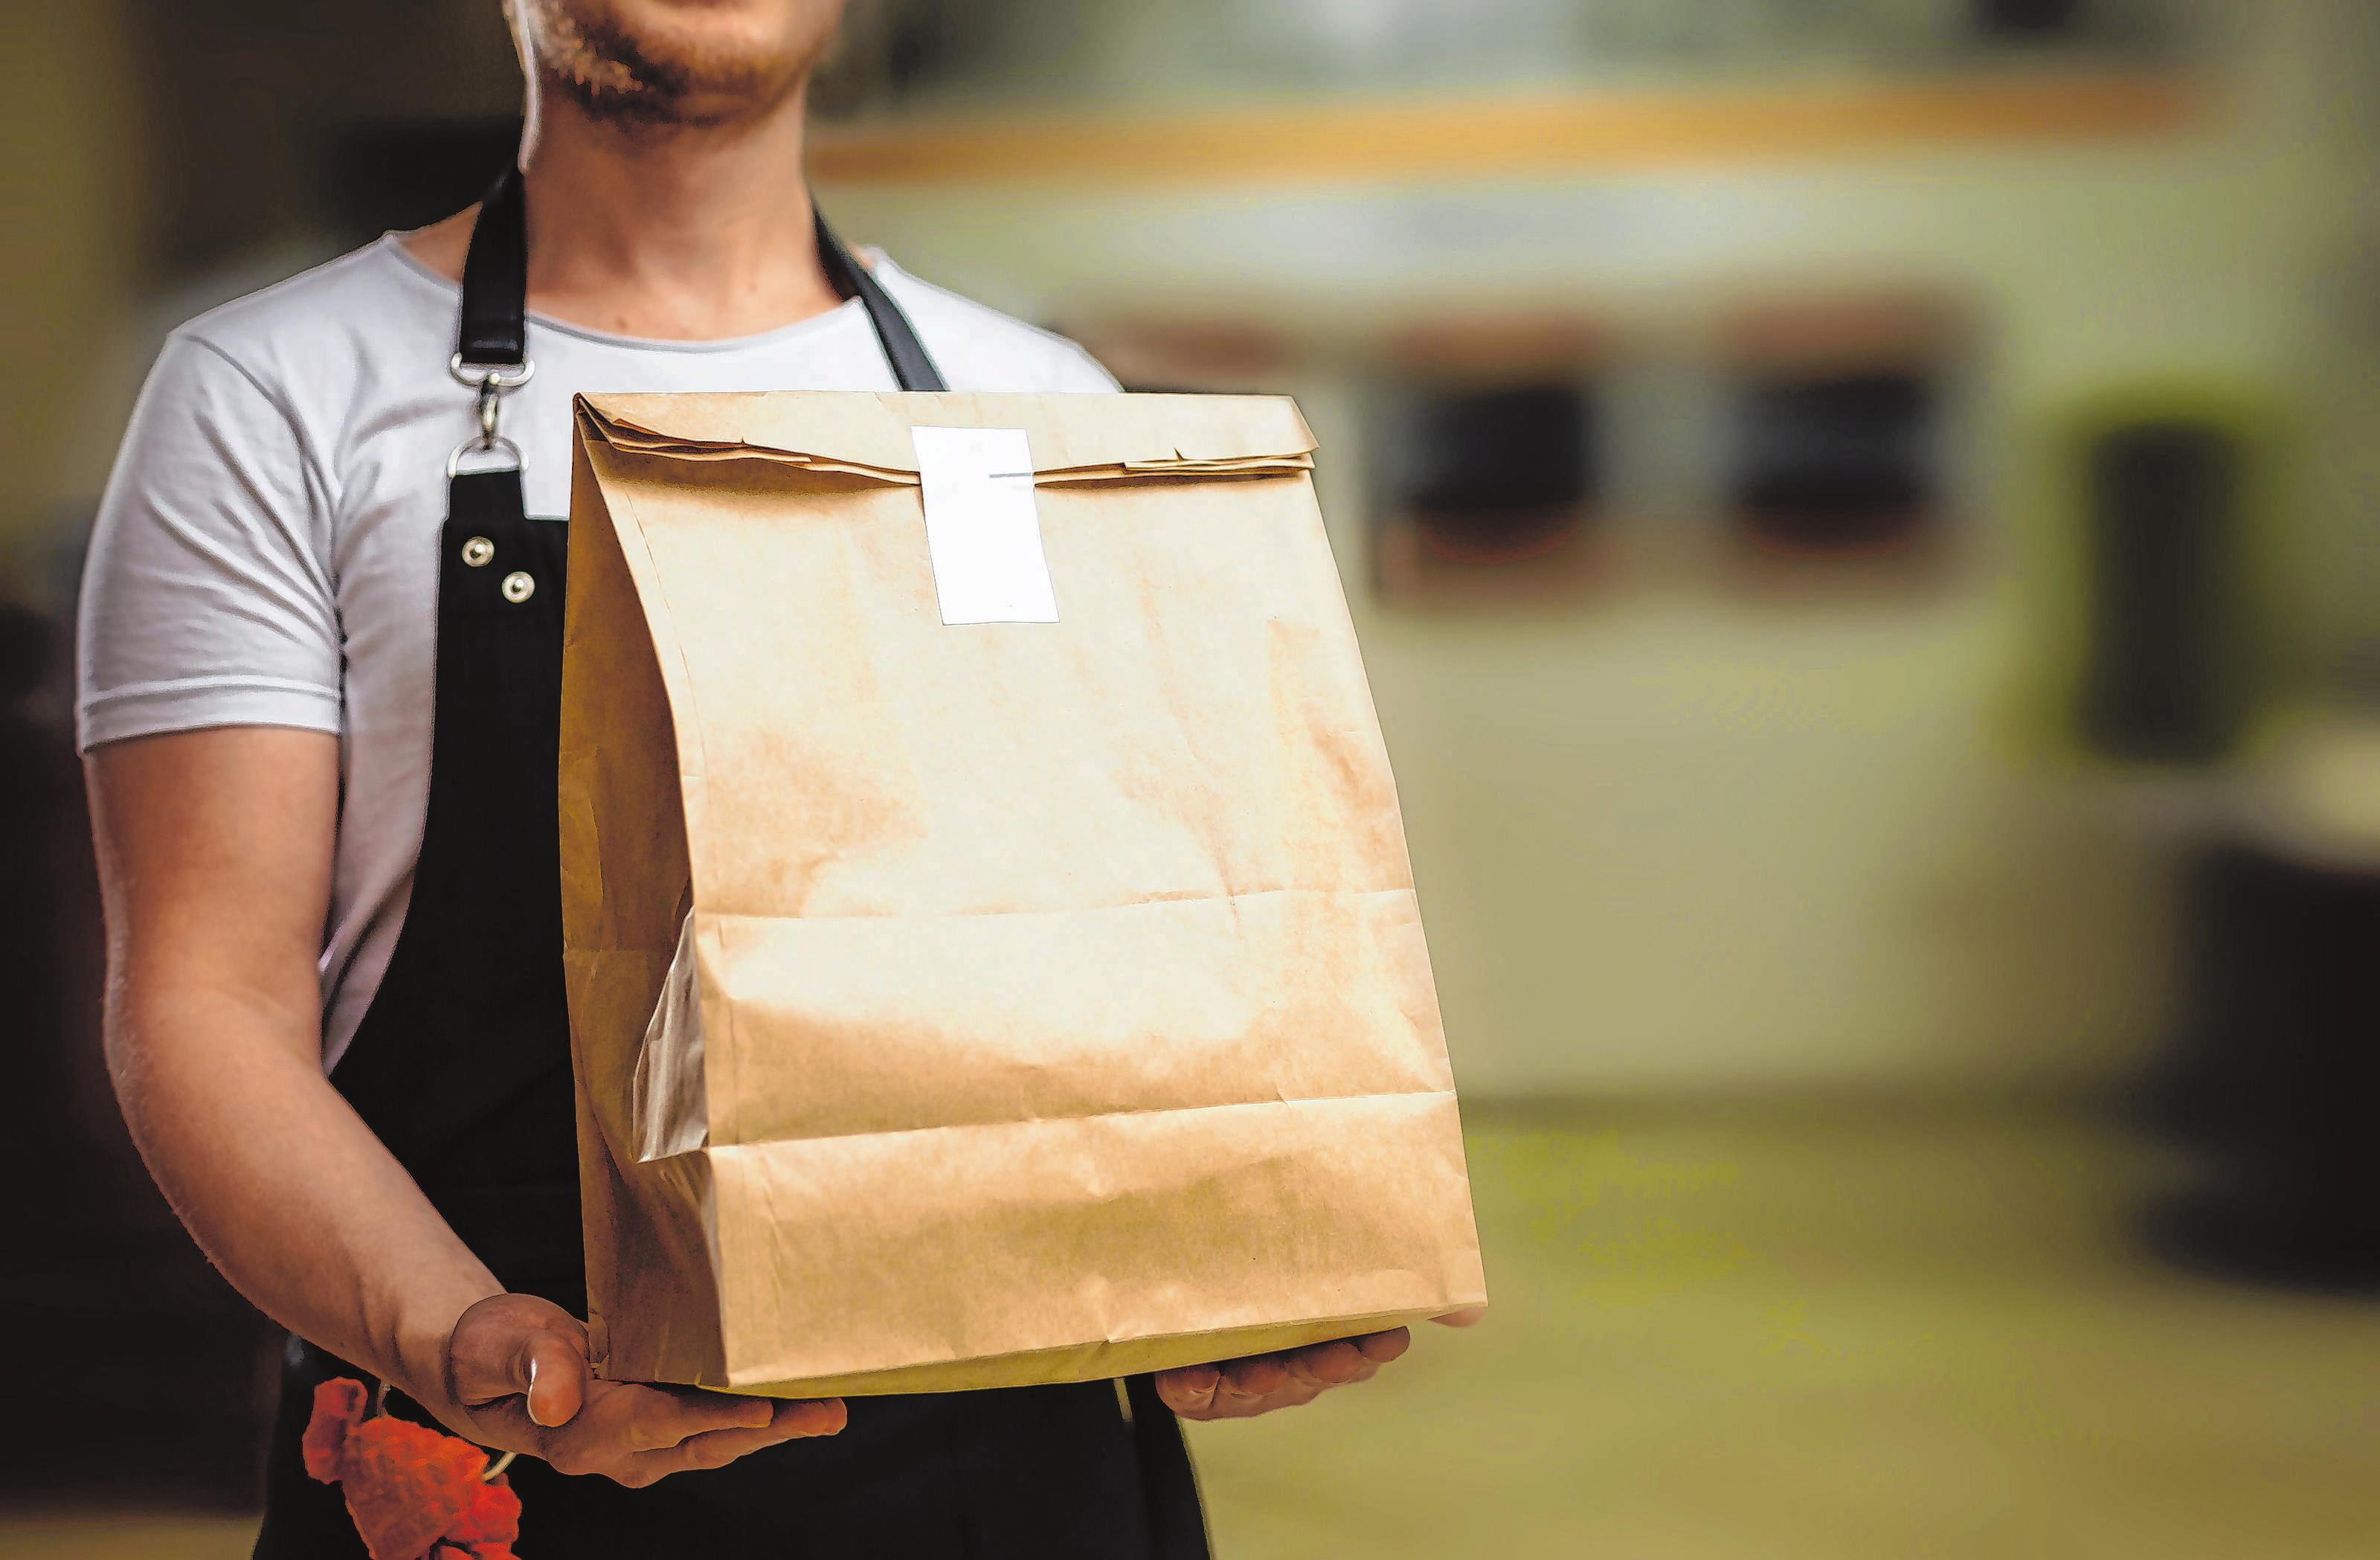 Wenn das Einkaufen schwer fällt: Immer mehr Geschäfte, Dienste und Apotheken bieten einen Einkaufs- oder Lieferservice an. Foto: Andrew Angelov/shutterstock